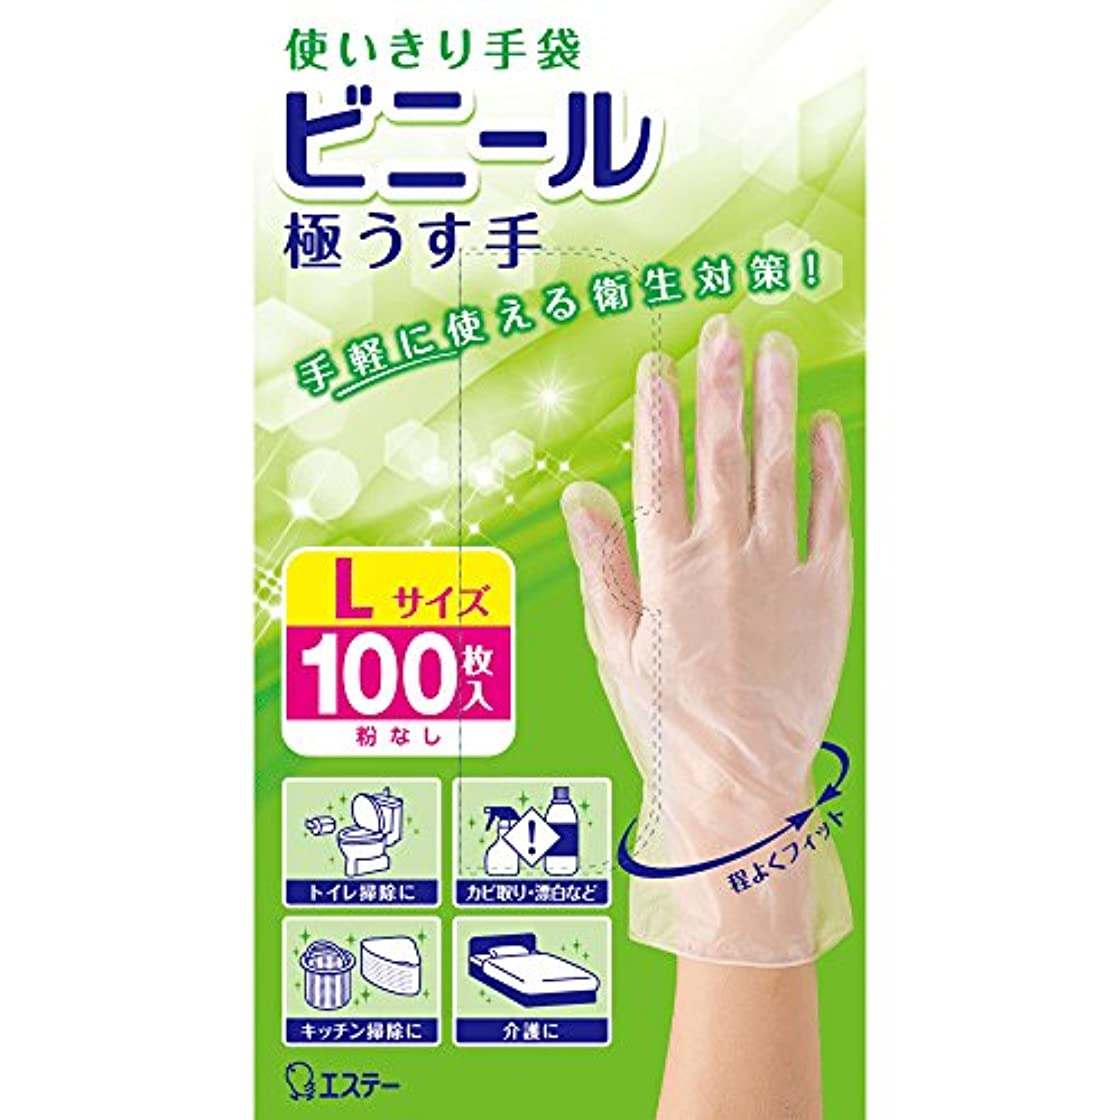 電気陽性理容師パッケージ使いきり手袋 ビニール 極うす手 炊事?掃除用 Lサイズ 半透明 100枚